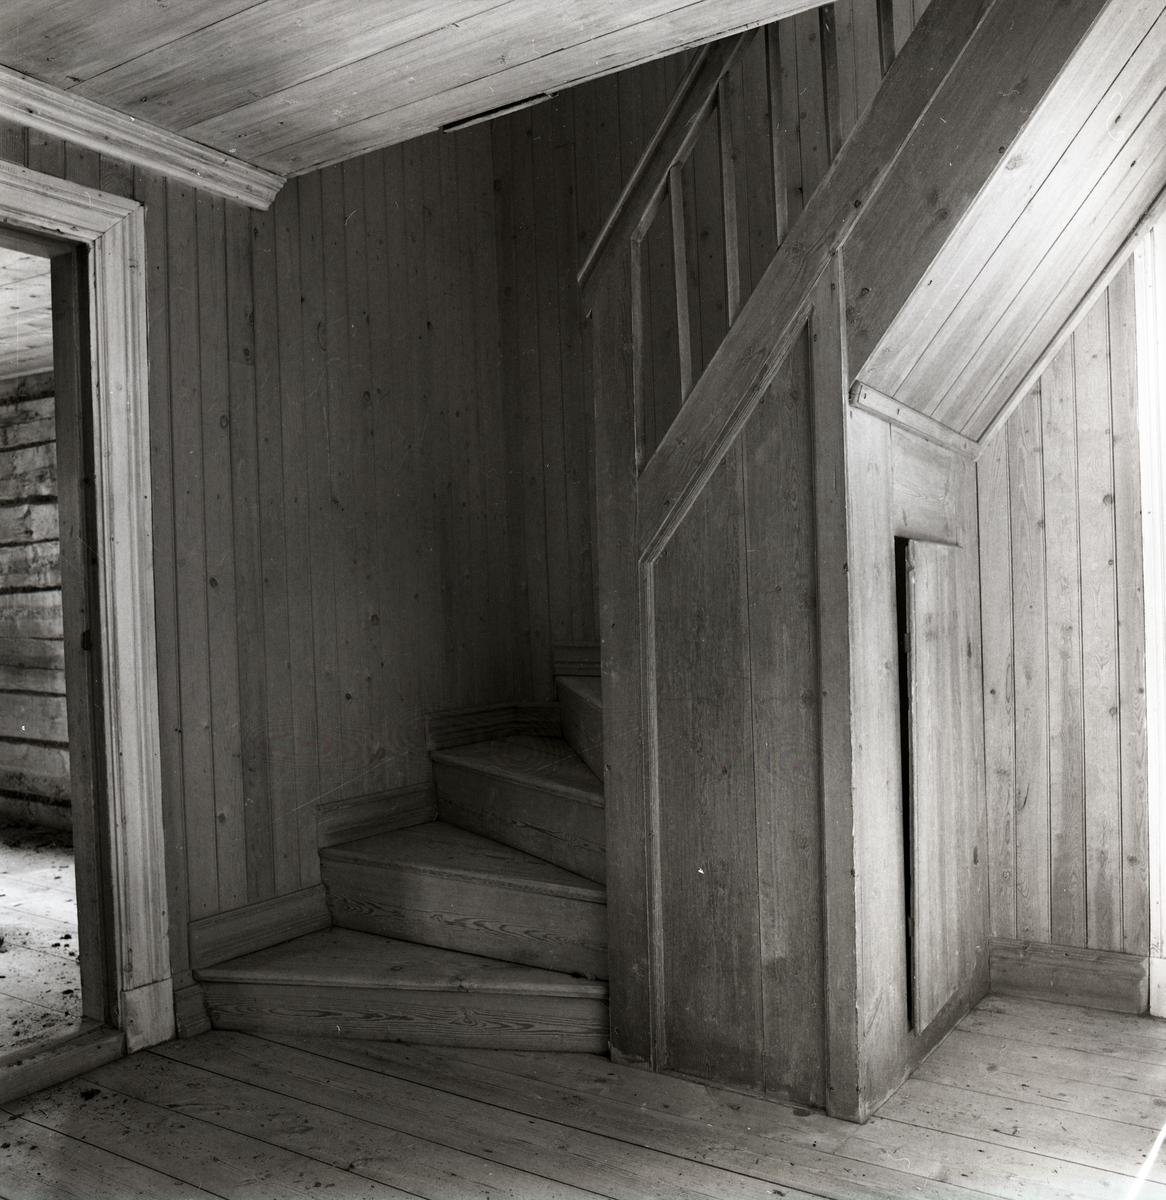 Nya Ett rum där allt är gjort i trä. Väggar, tak, trappa, golv, dörr NE-28